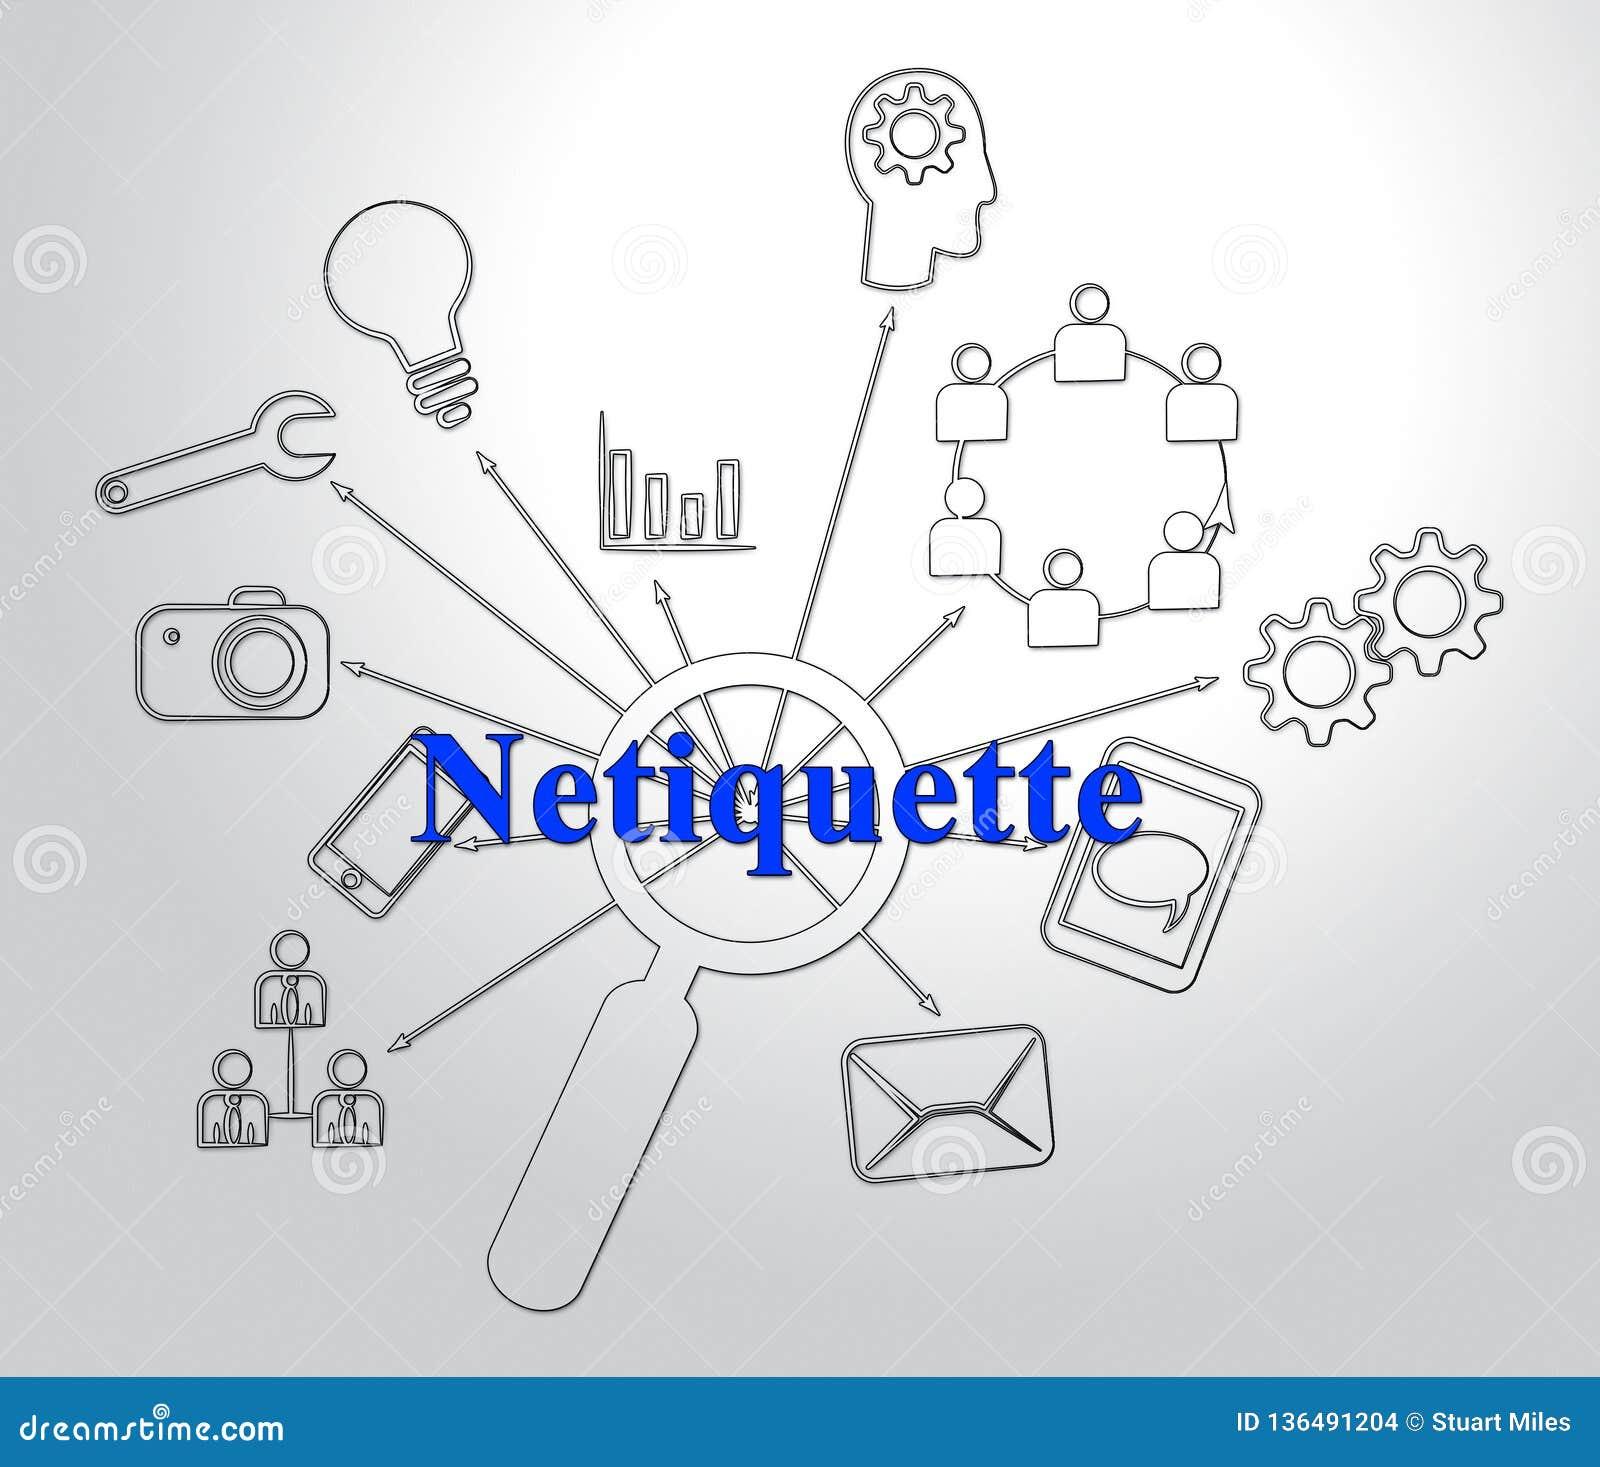 Netiquette Polite Online Behavoir Or Web Etiquette - 2d Illustration